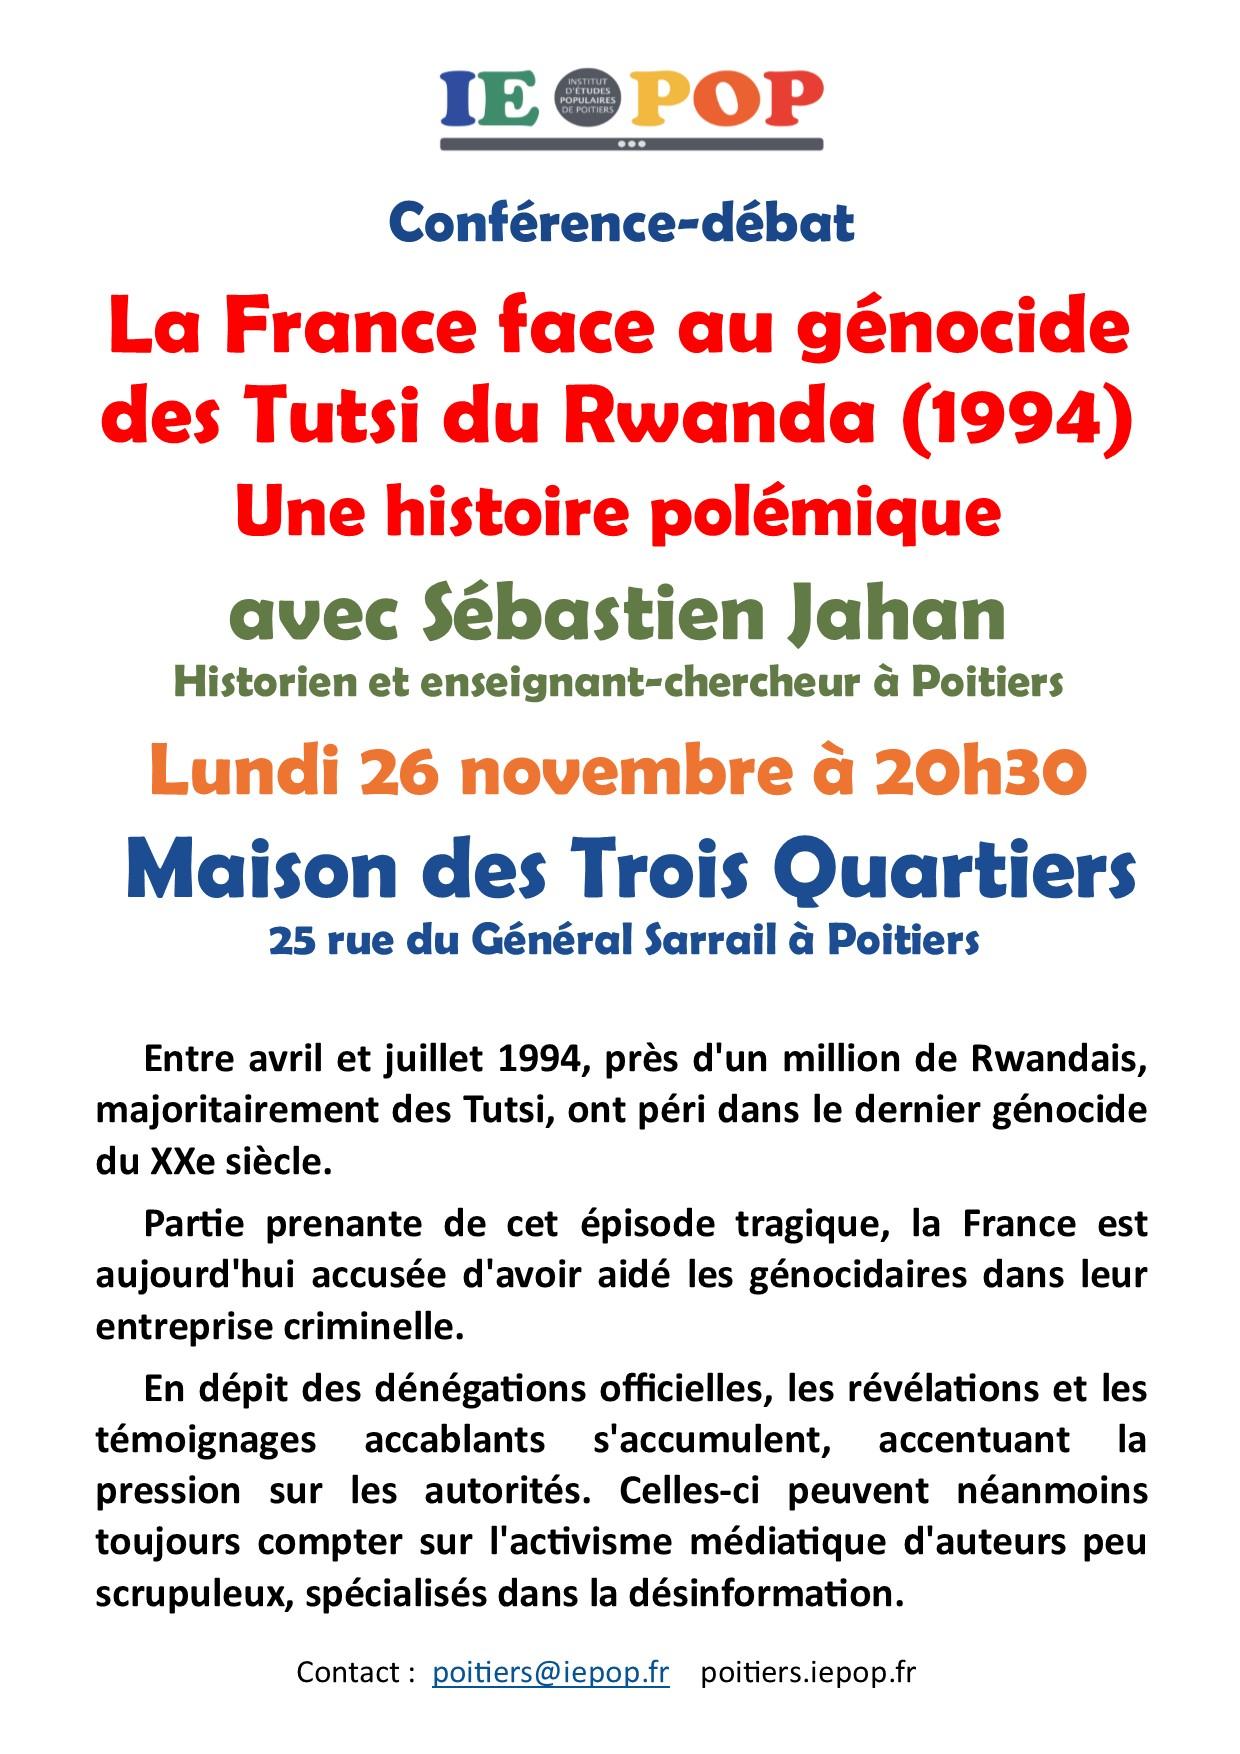 La France face au génocide des Tutsis du Rwanda : une histoire polémique @ Maison des Trois Quartiers   Roubaix   Hauts-de-France   France